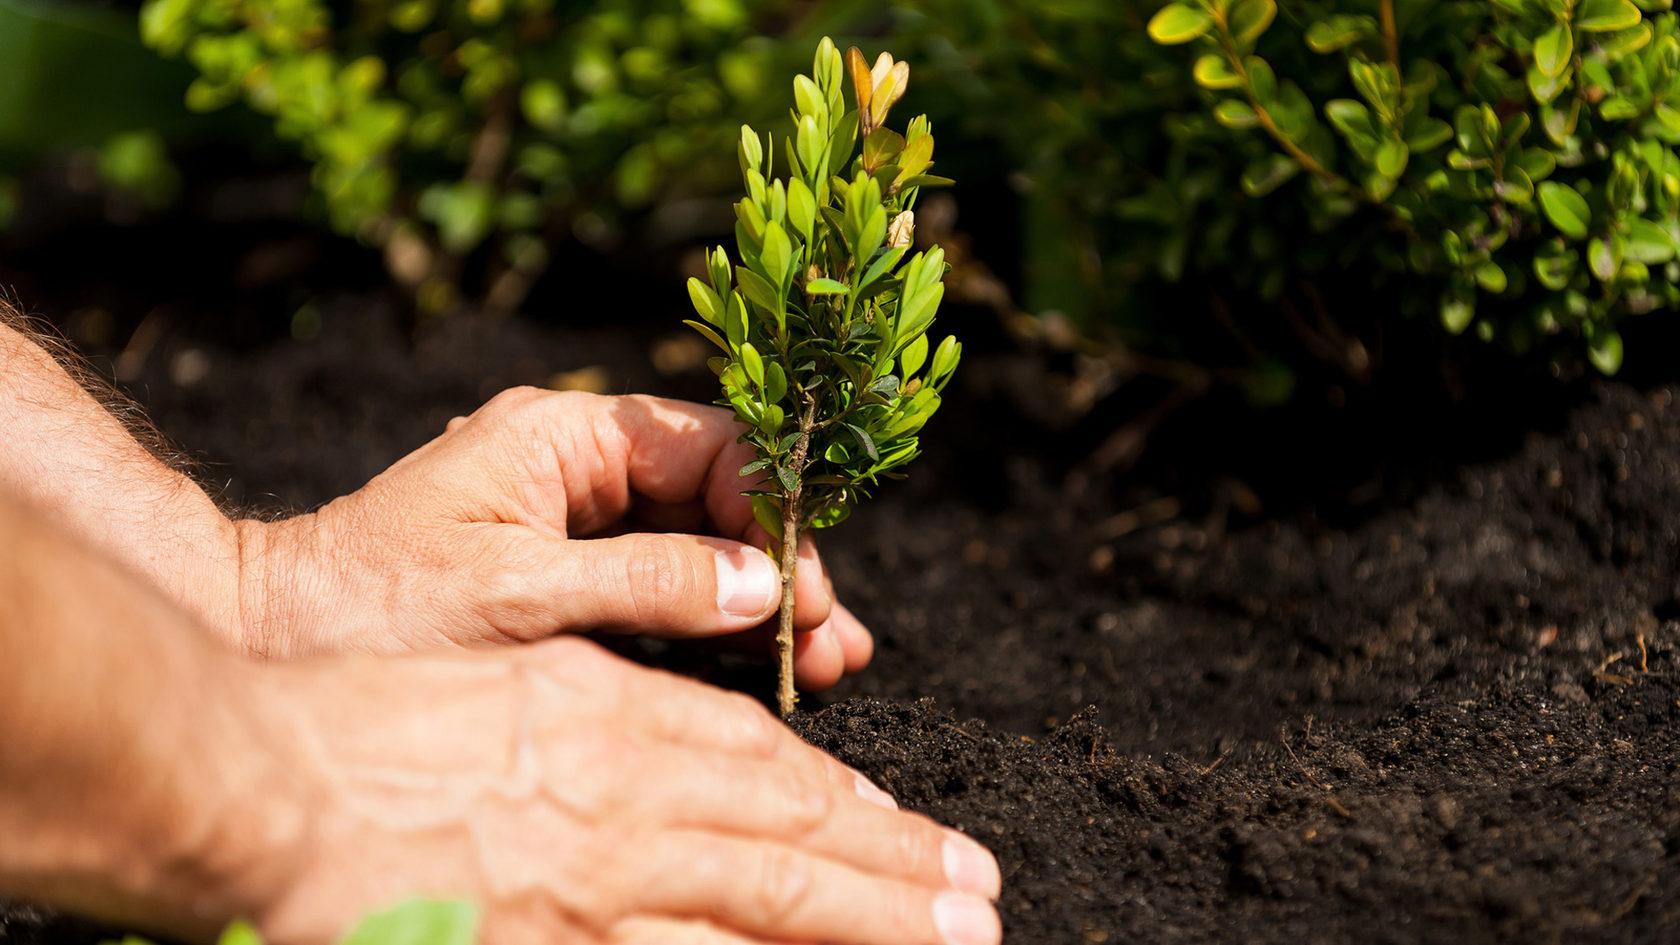 Мешканці Івано-Франківська можуть відзначити пам'ятну дату, посадивши дерево